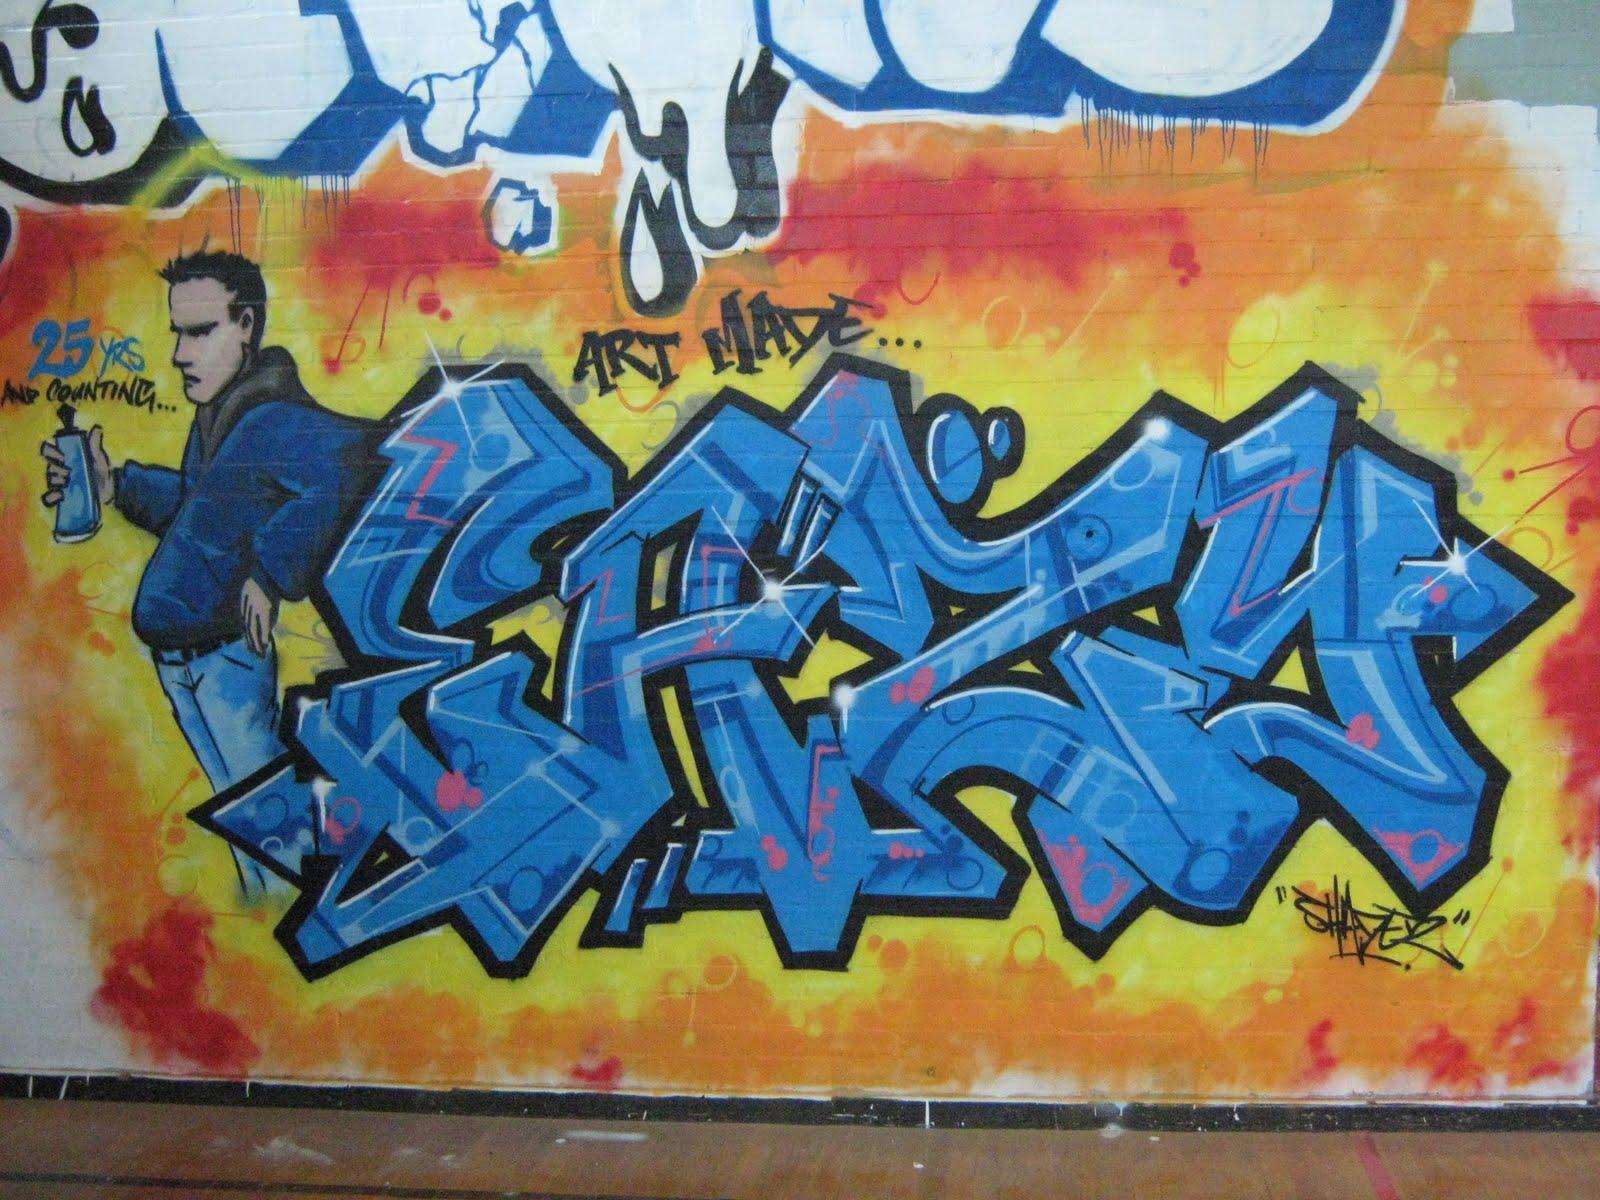 Art made easy graffiti blog - Graffiti simple ...